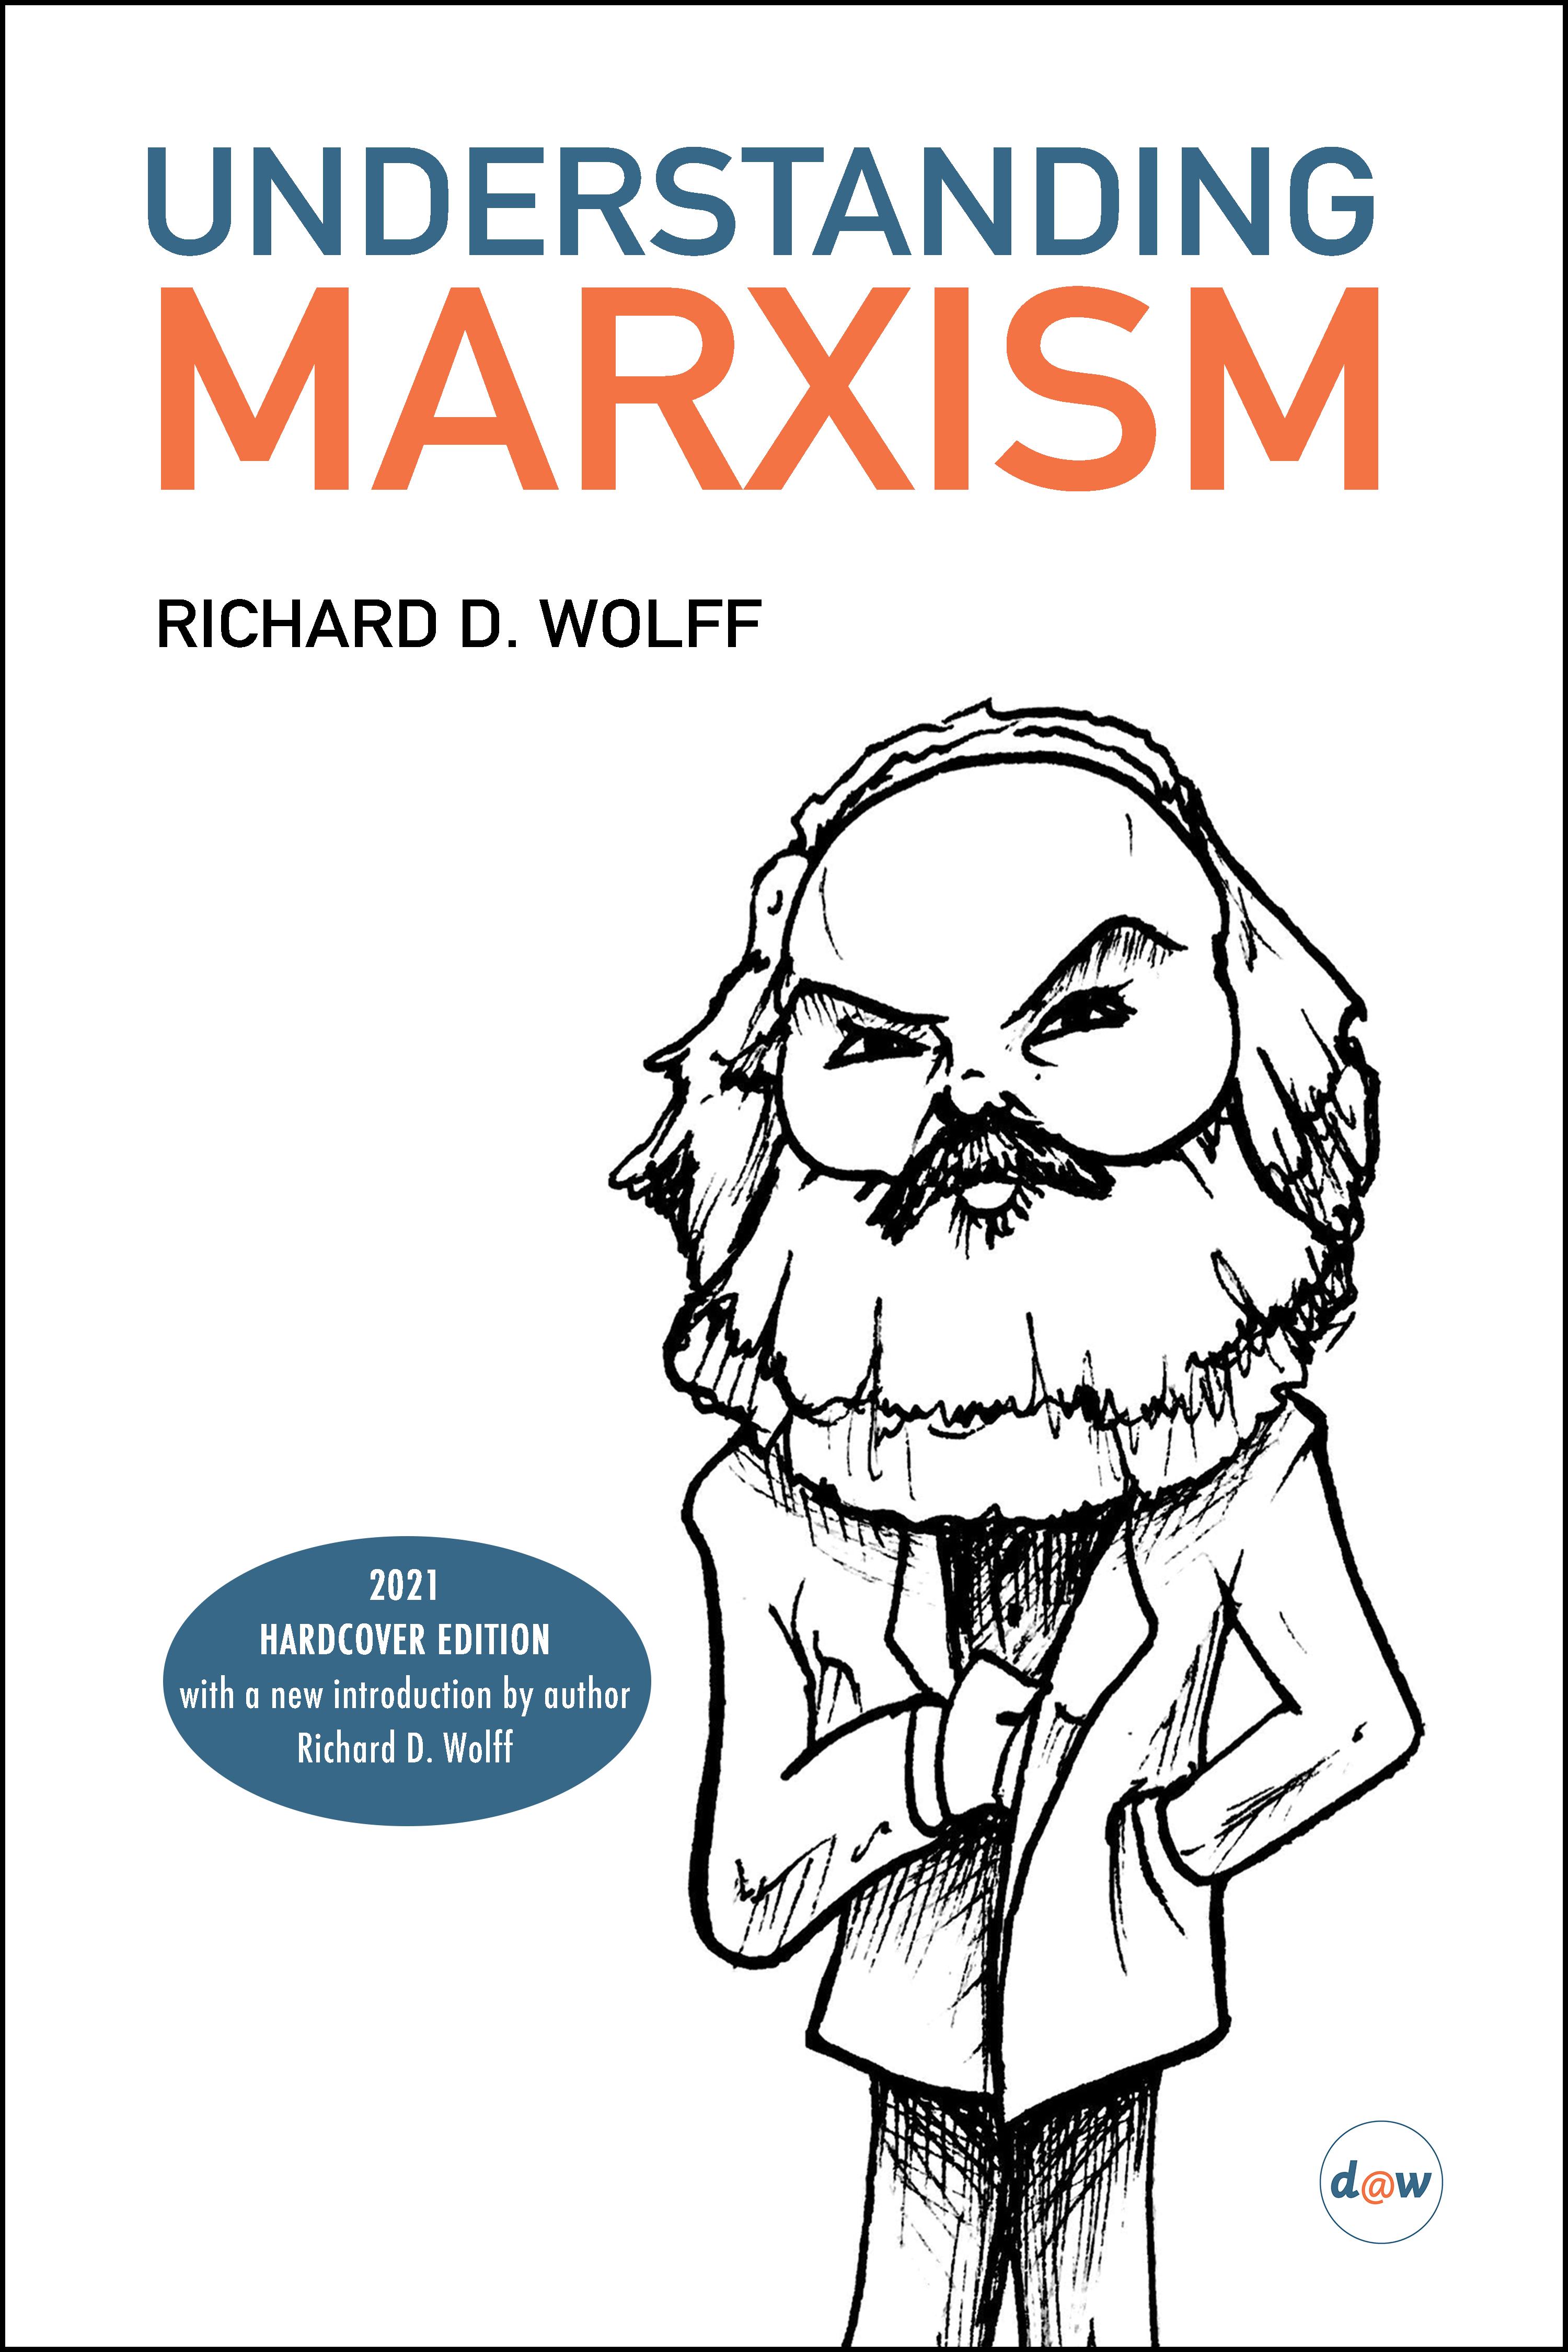 understandingmarxism_bk.png